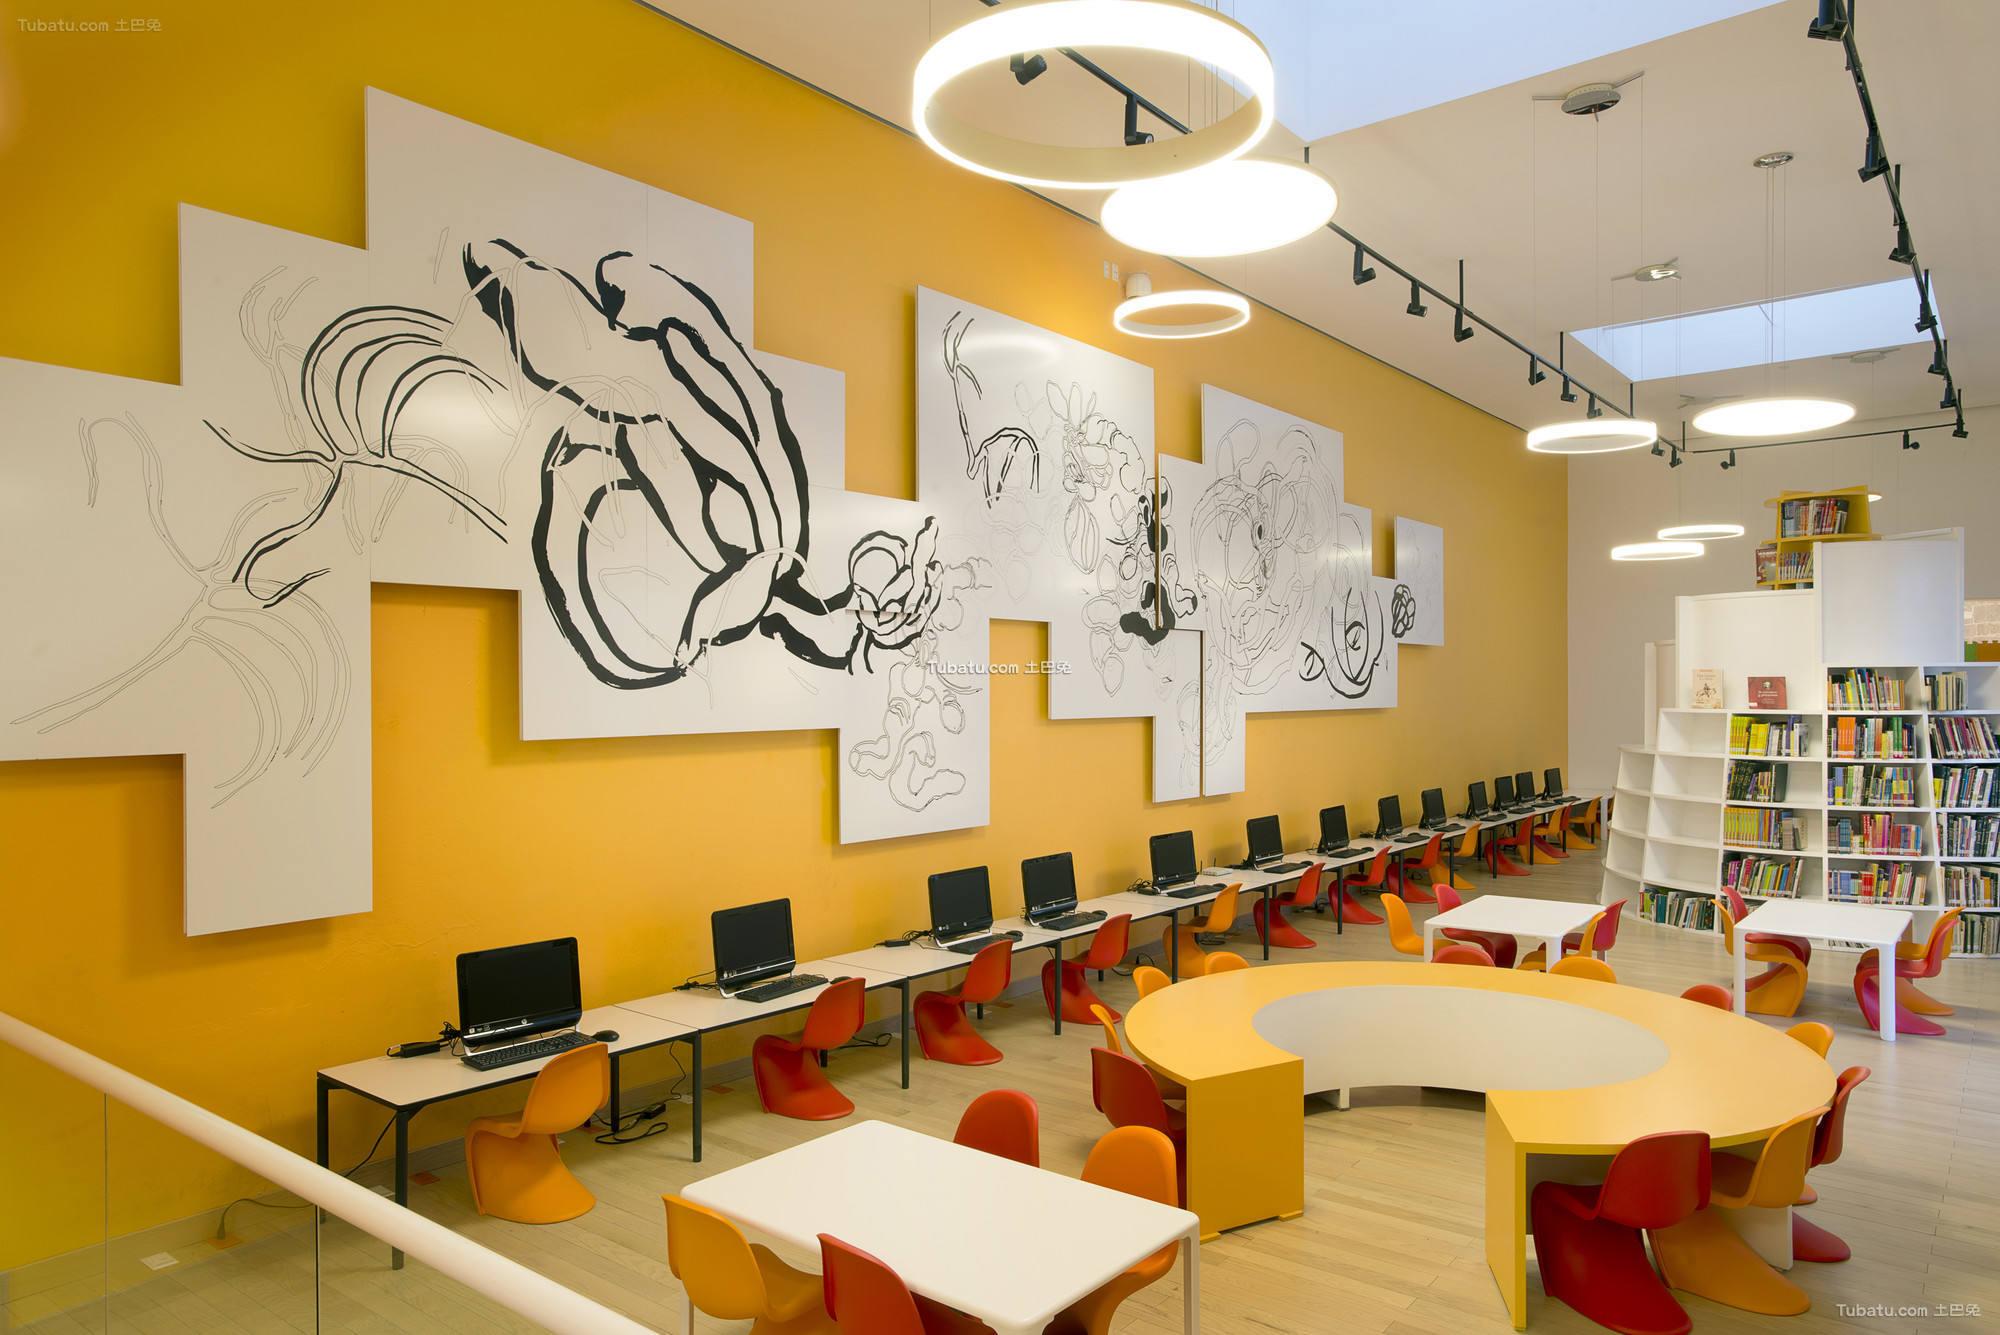 时尚图书馆室内设计装饰图片